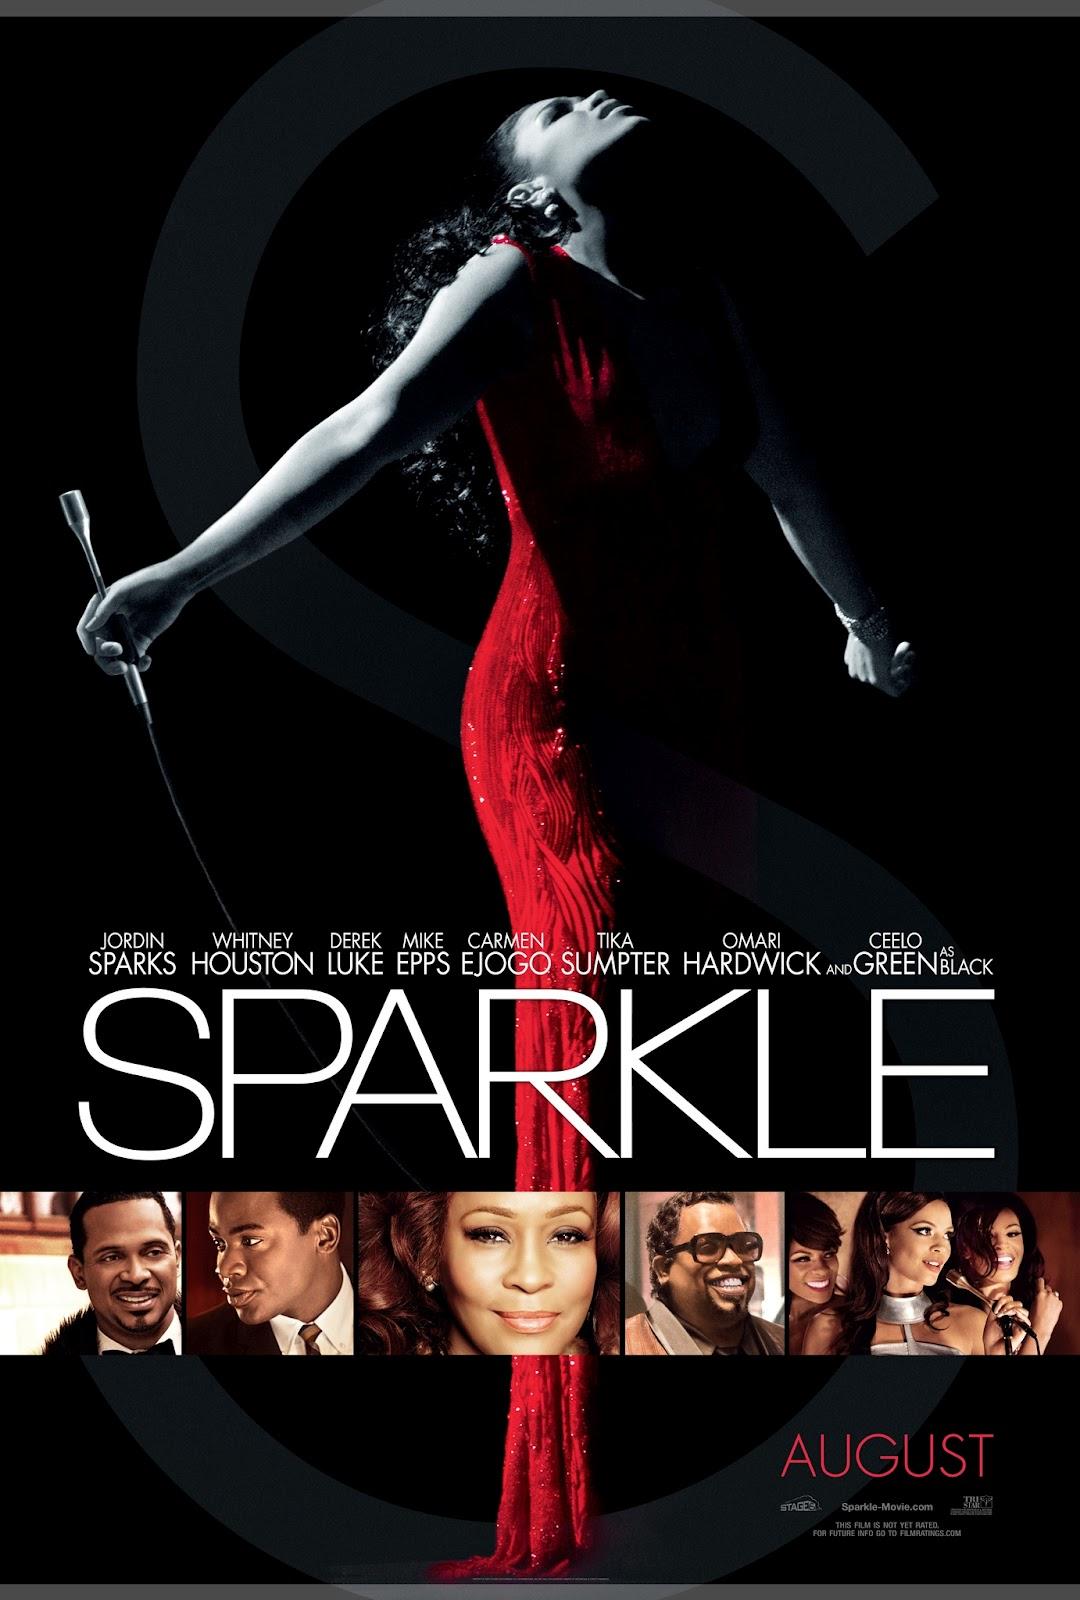 Cocoa Popps: 'Sparkle' The Critics Have Spoken!